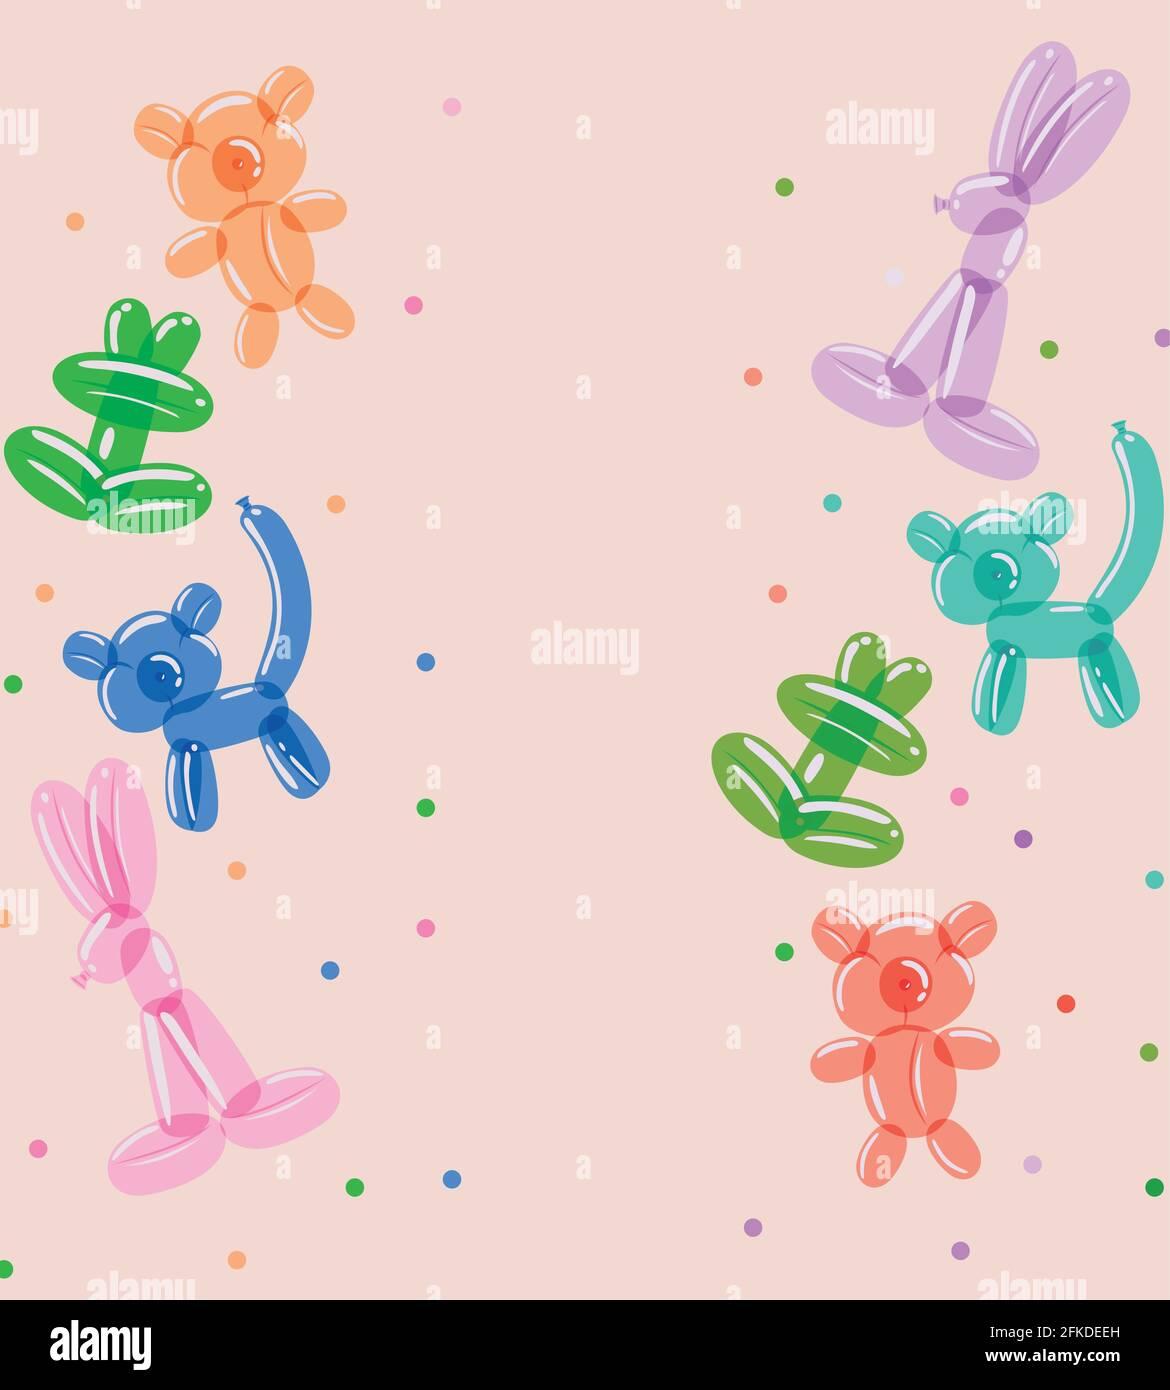 adorables ballons animaux Illustration de Vecteur